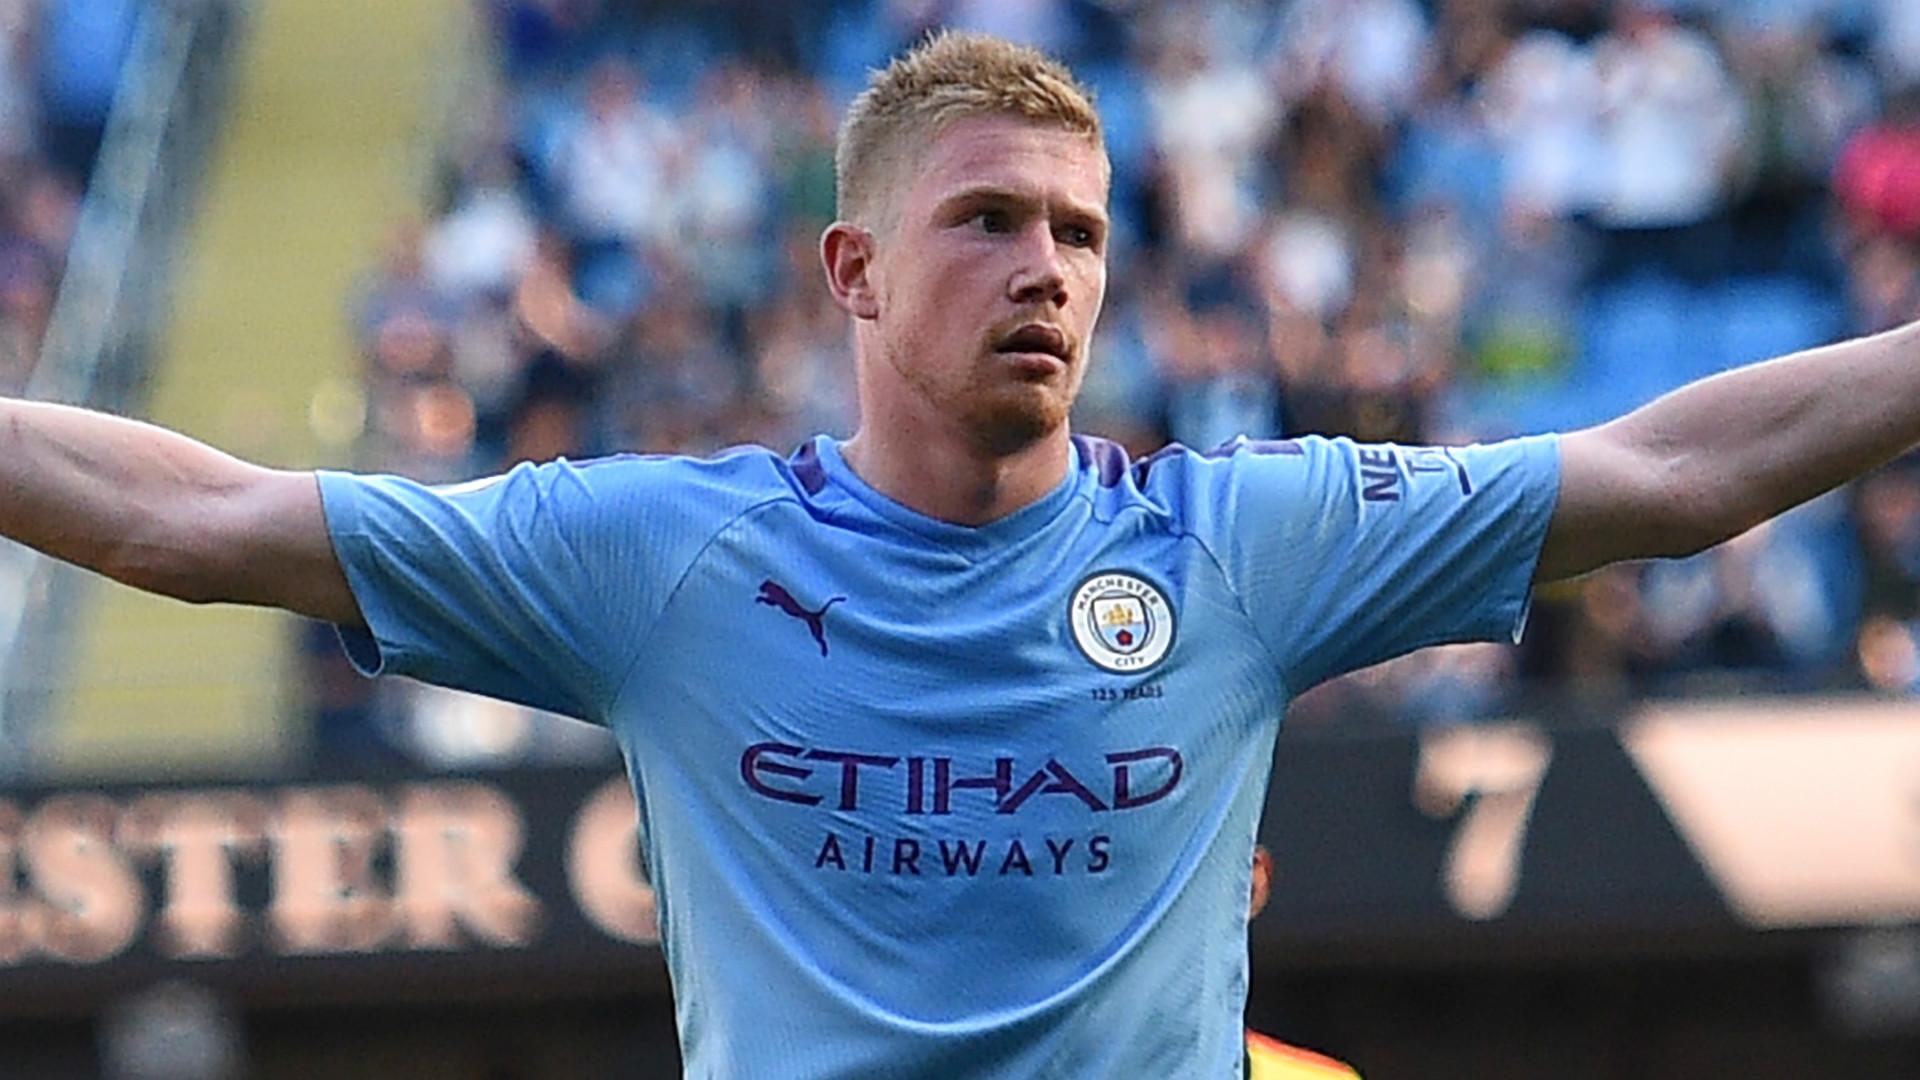 """Mercato, Manchester City : """"De Bruyne aurait plus de chances de remporter la Ligue des champions au PSG"""""""